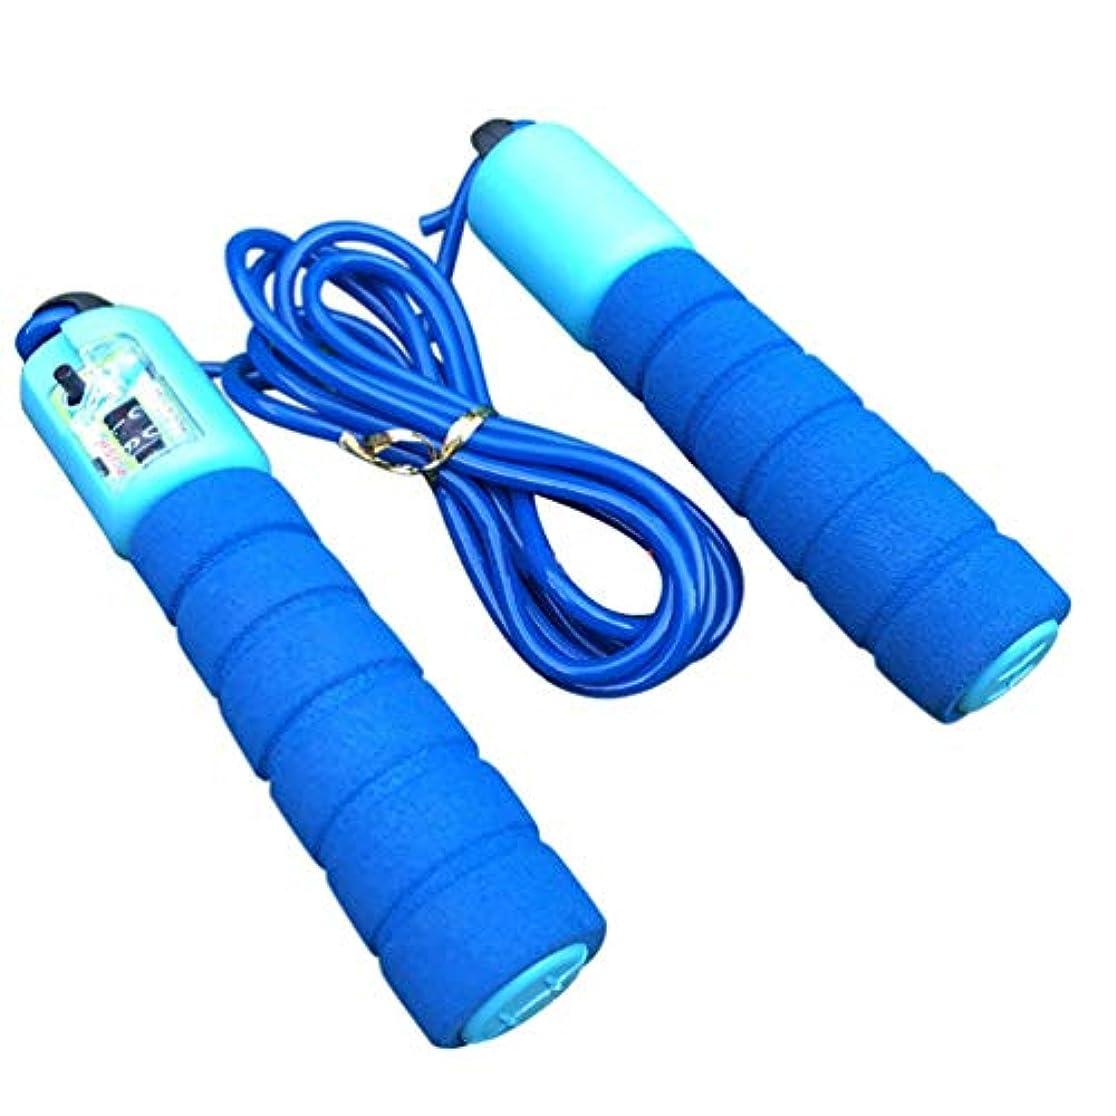 安心ライオネルグリーンストリート塊調整可能なプロフェッショナルカウント縄跳び自動カウントジャンプロープフィットネス運動高速カウントジャンプロープ - 青